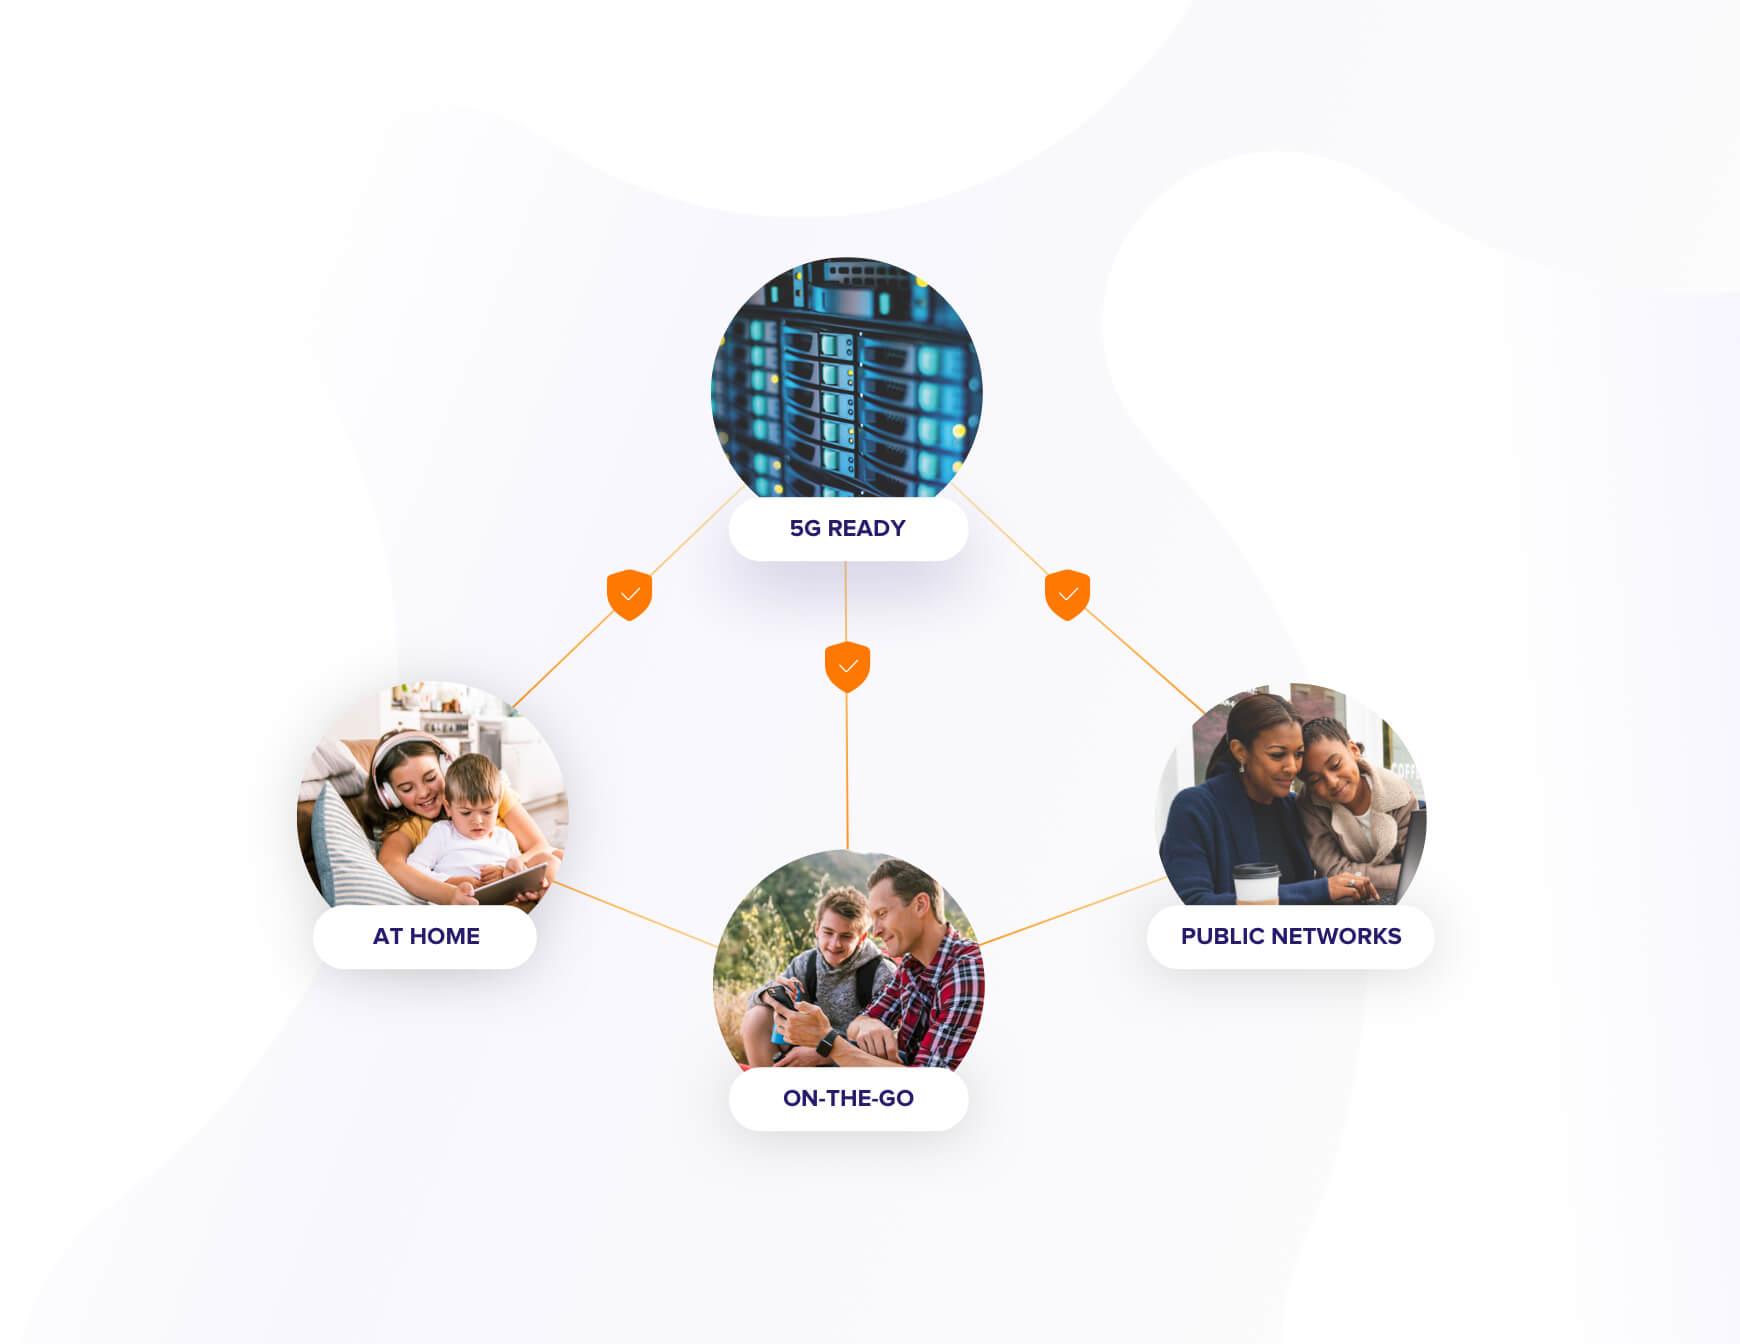 Des offres entièrement adaptées pour protéger la vie numérique de vos clients